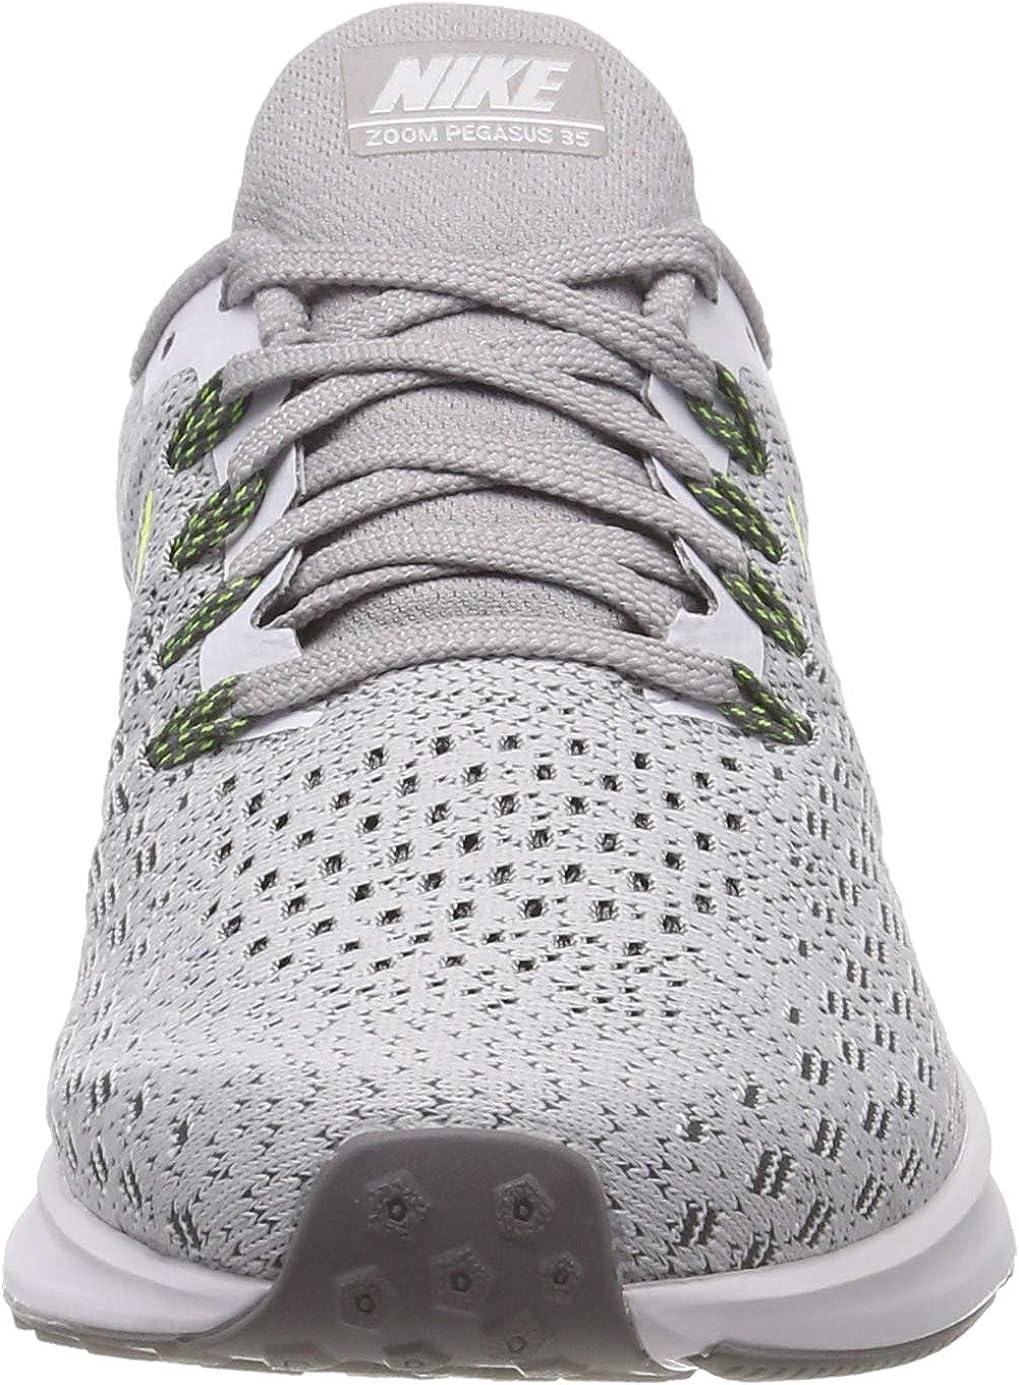 NIKE Air Zoom Pegasus 35, Zapatillas de Running para Hombre: Amazon.es: Zapatos y complementos